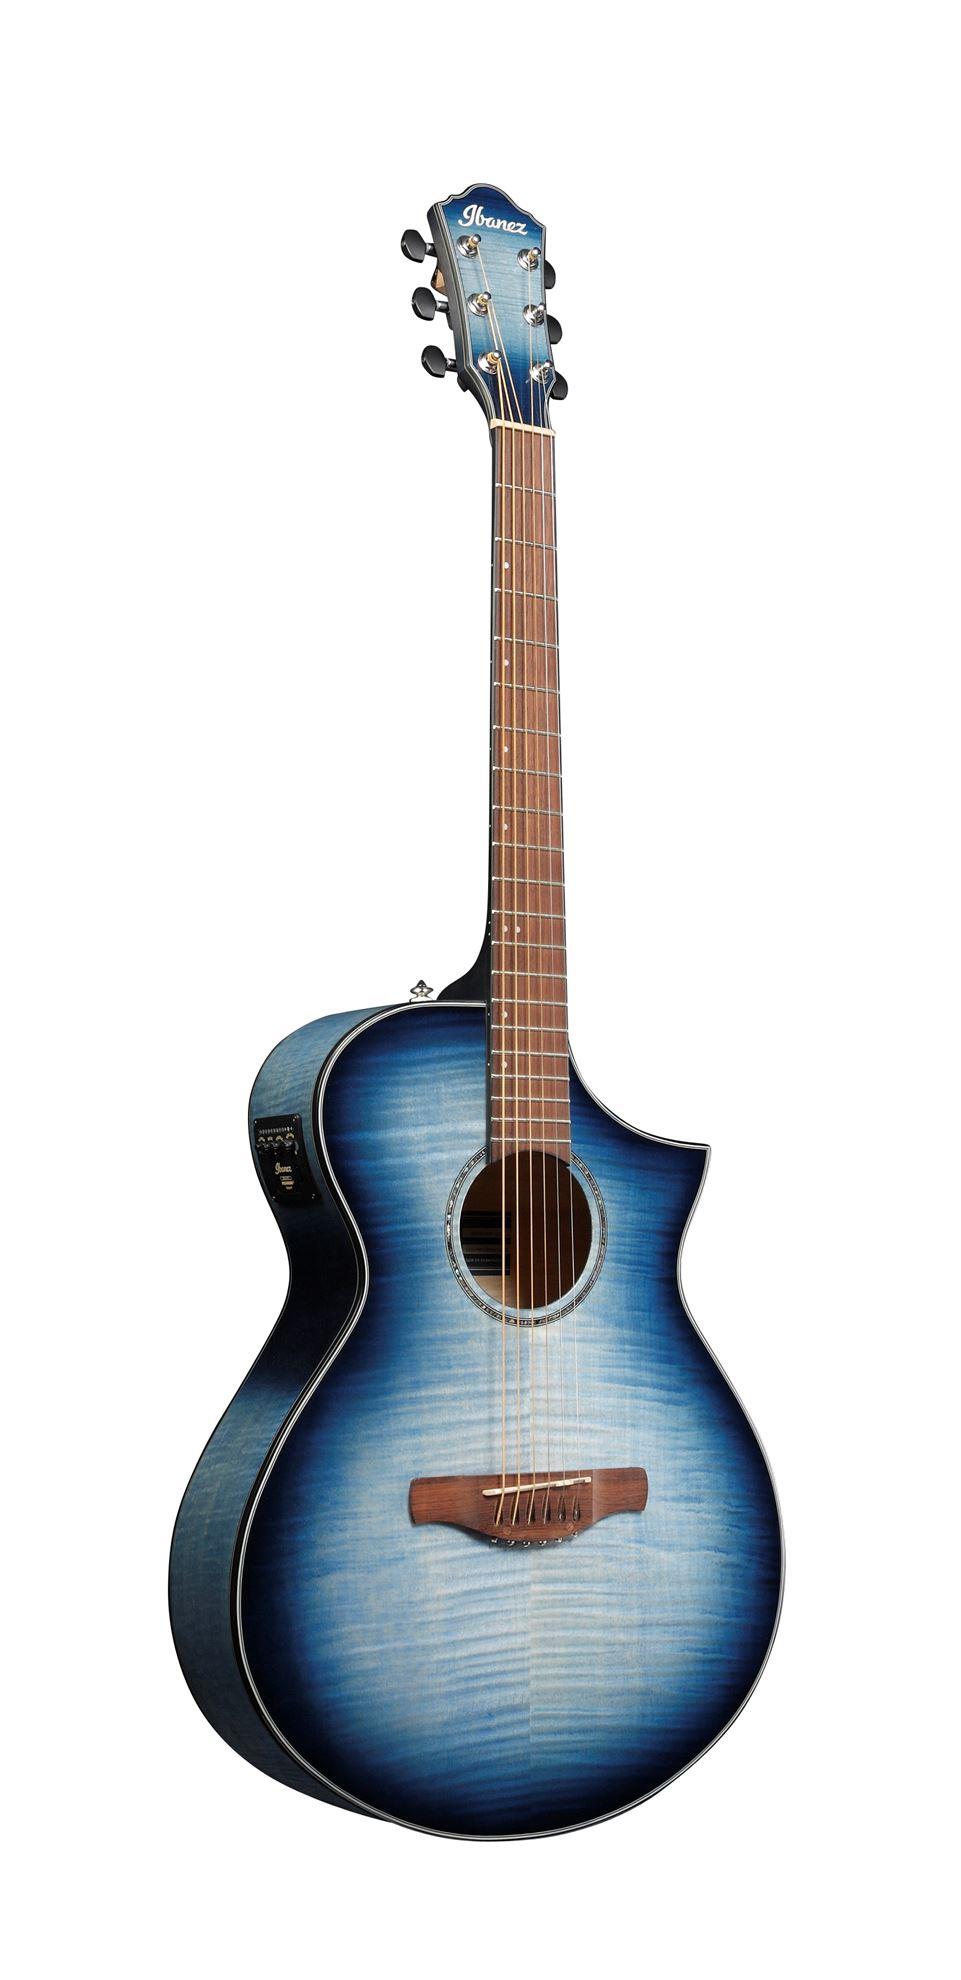 Ibanez AEWC400 Electric Guitar - Transparent Indigo Blue Burst High Gloss